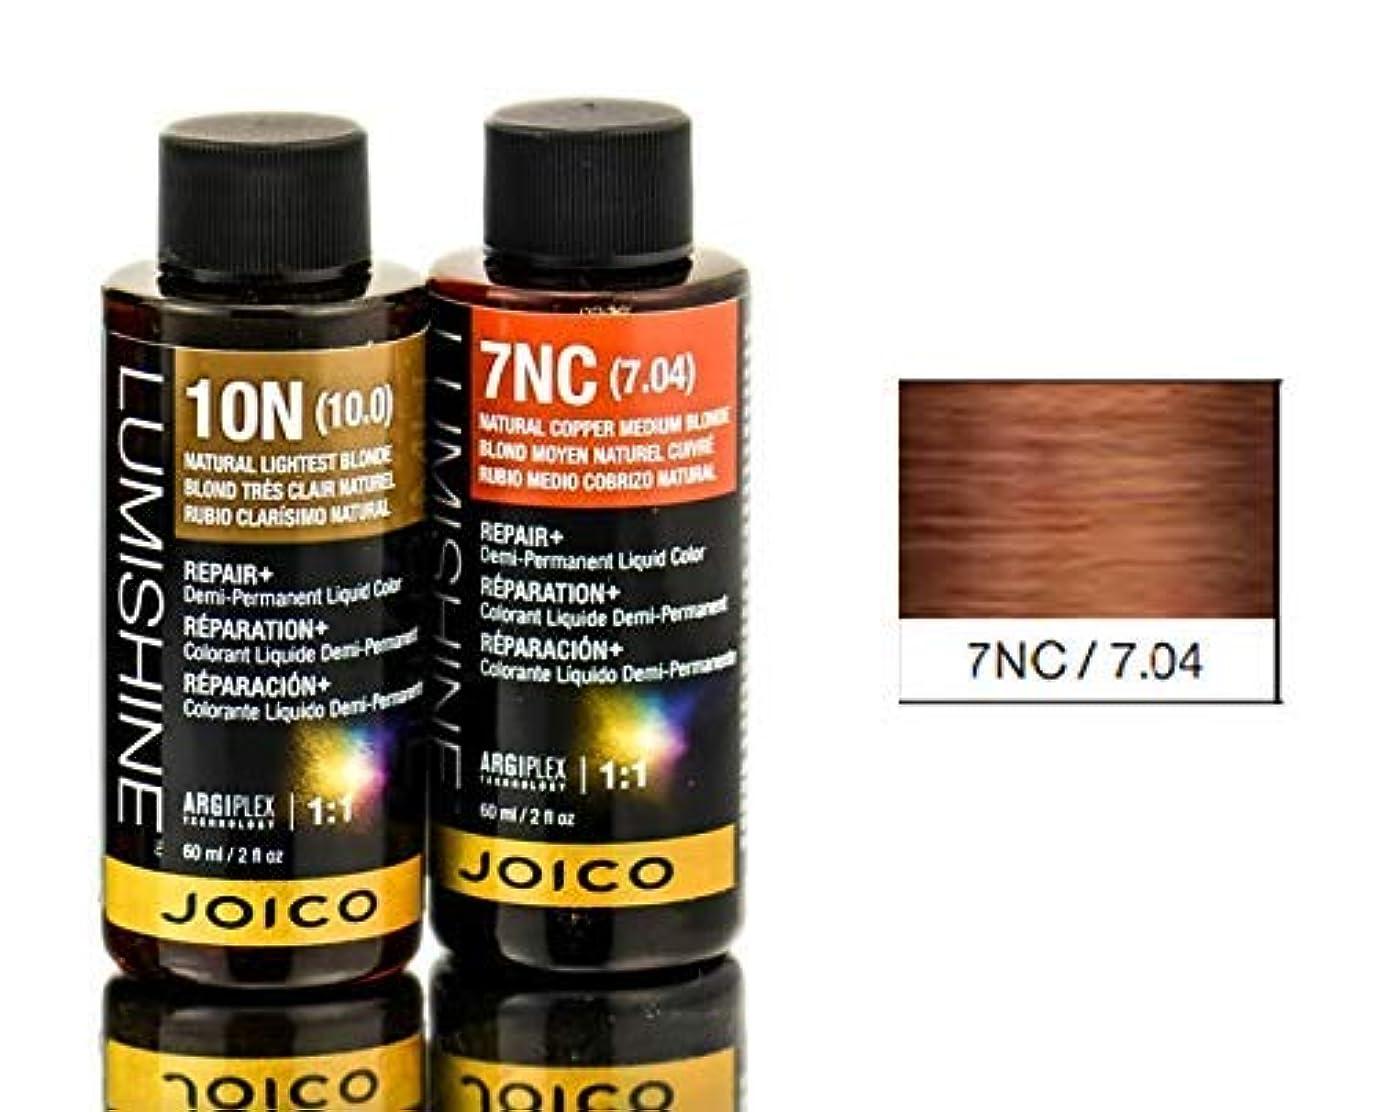 ティッシュ北極圏わかりやすいJoico Lumishineデミパーマネント液体色、7nc / 7.04、 2オンス